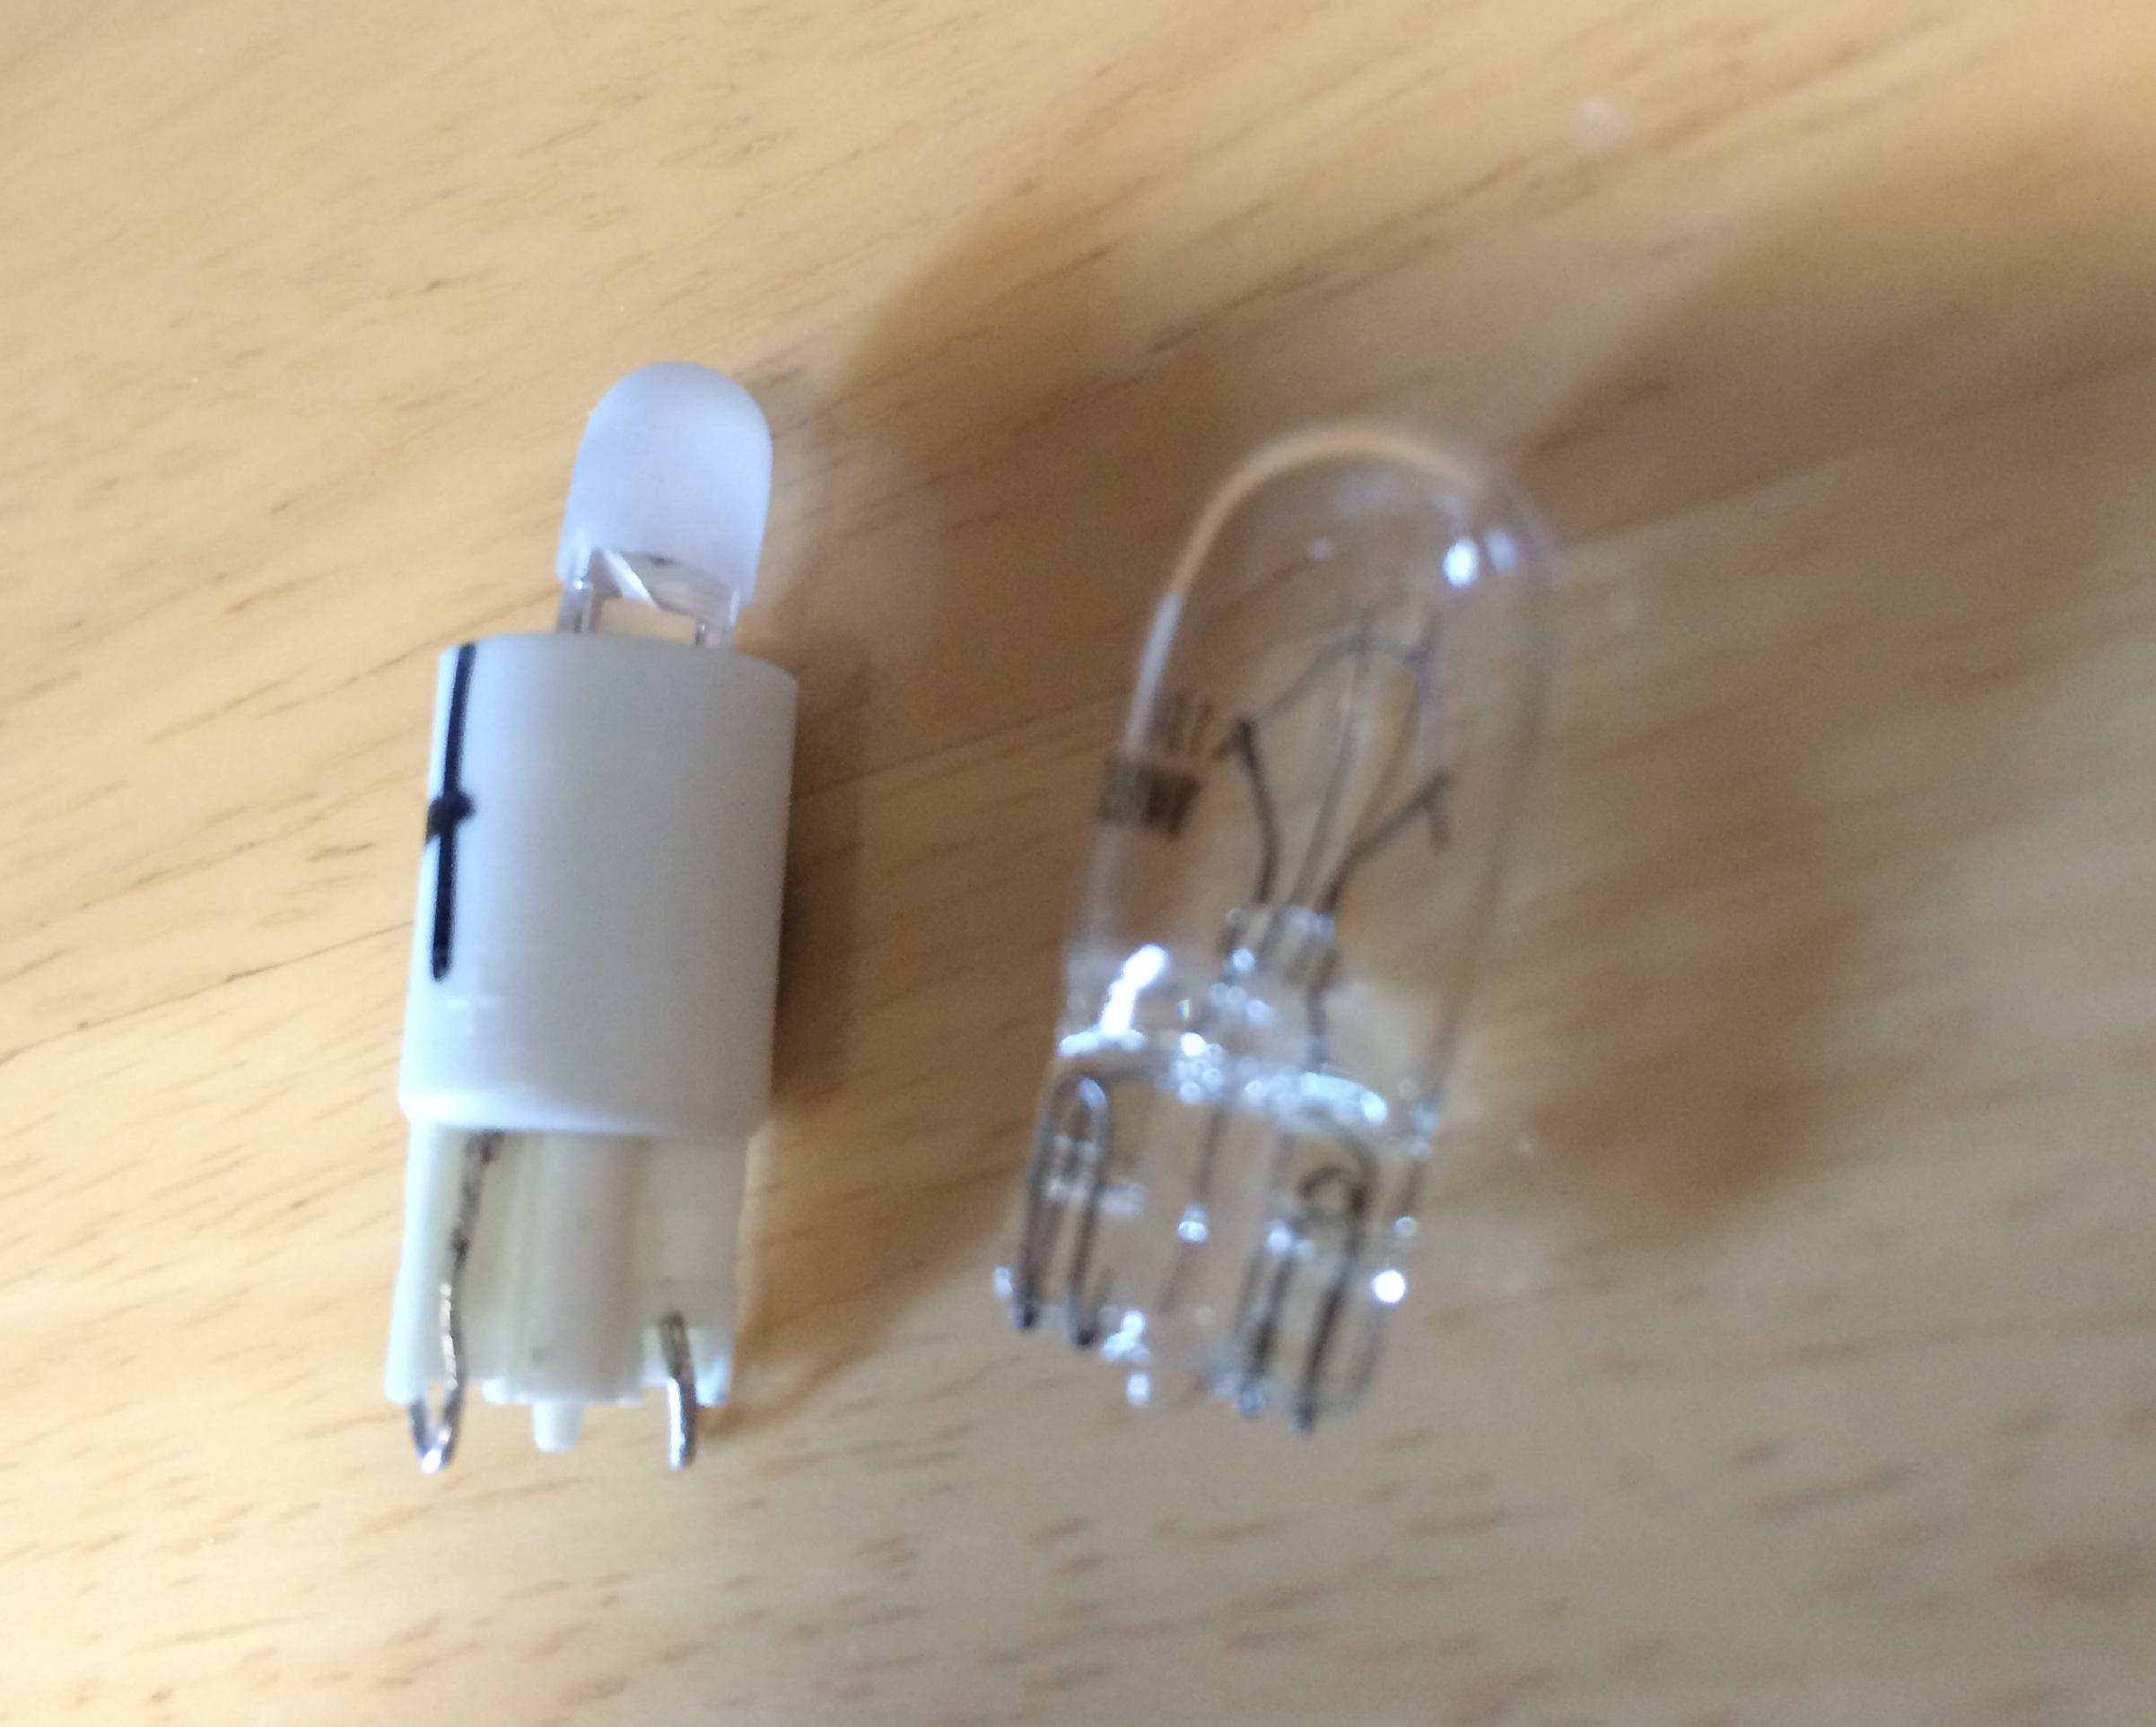 LEDソケットできた - コピー